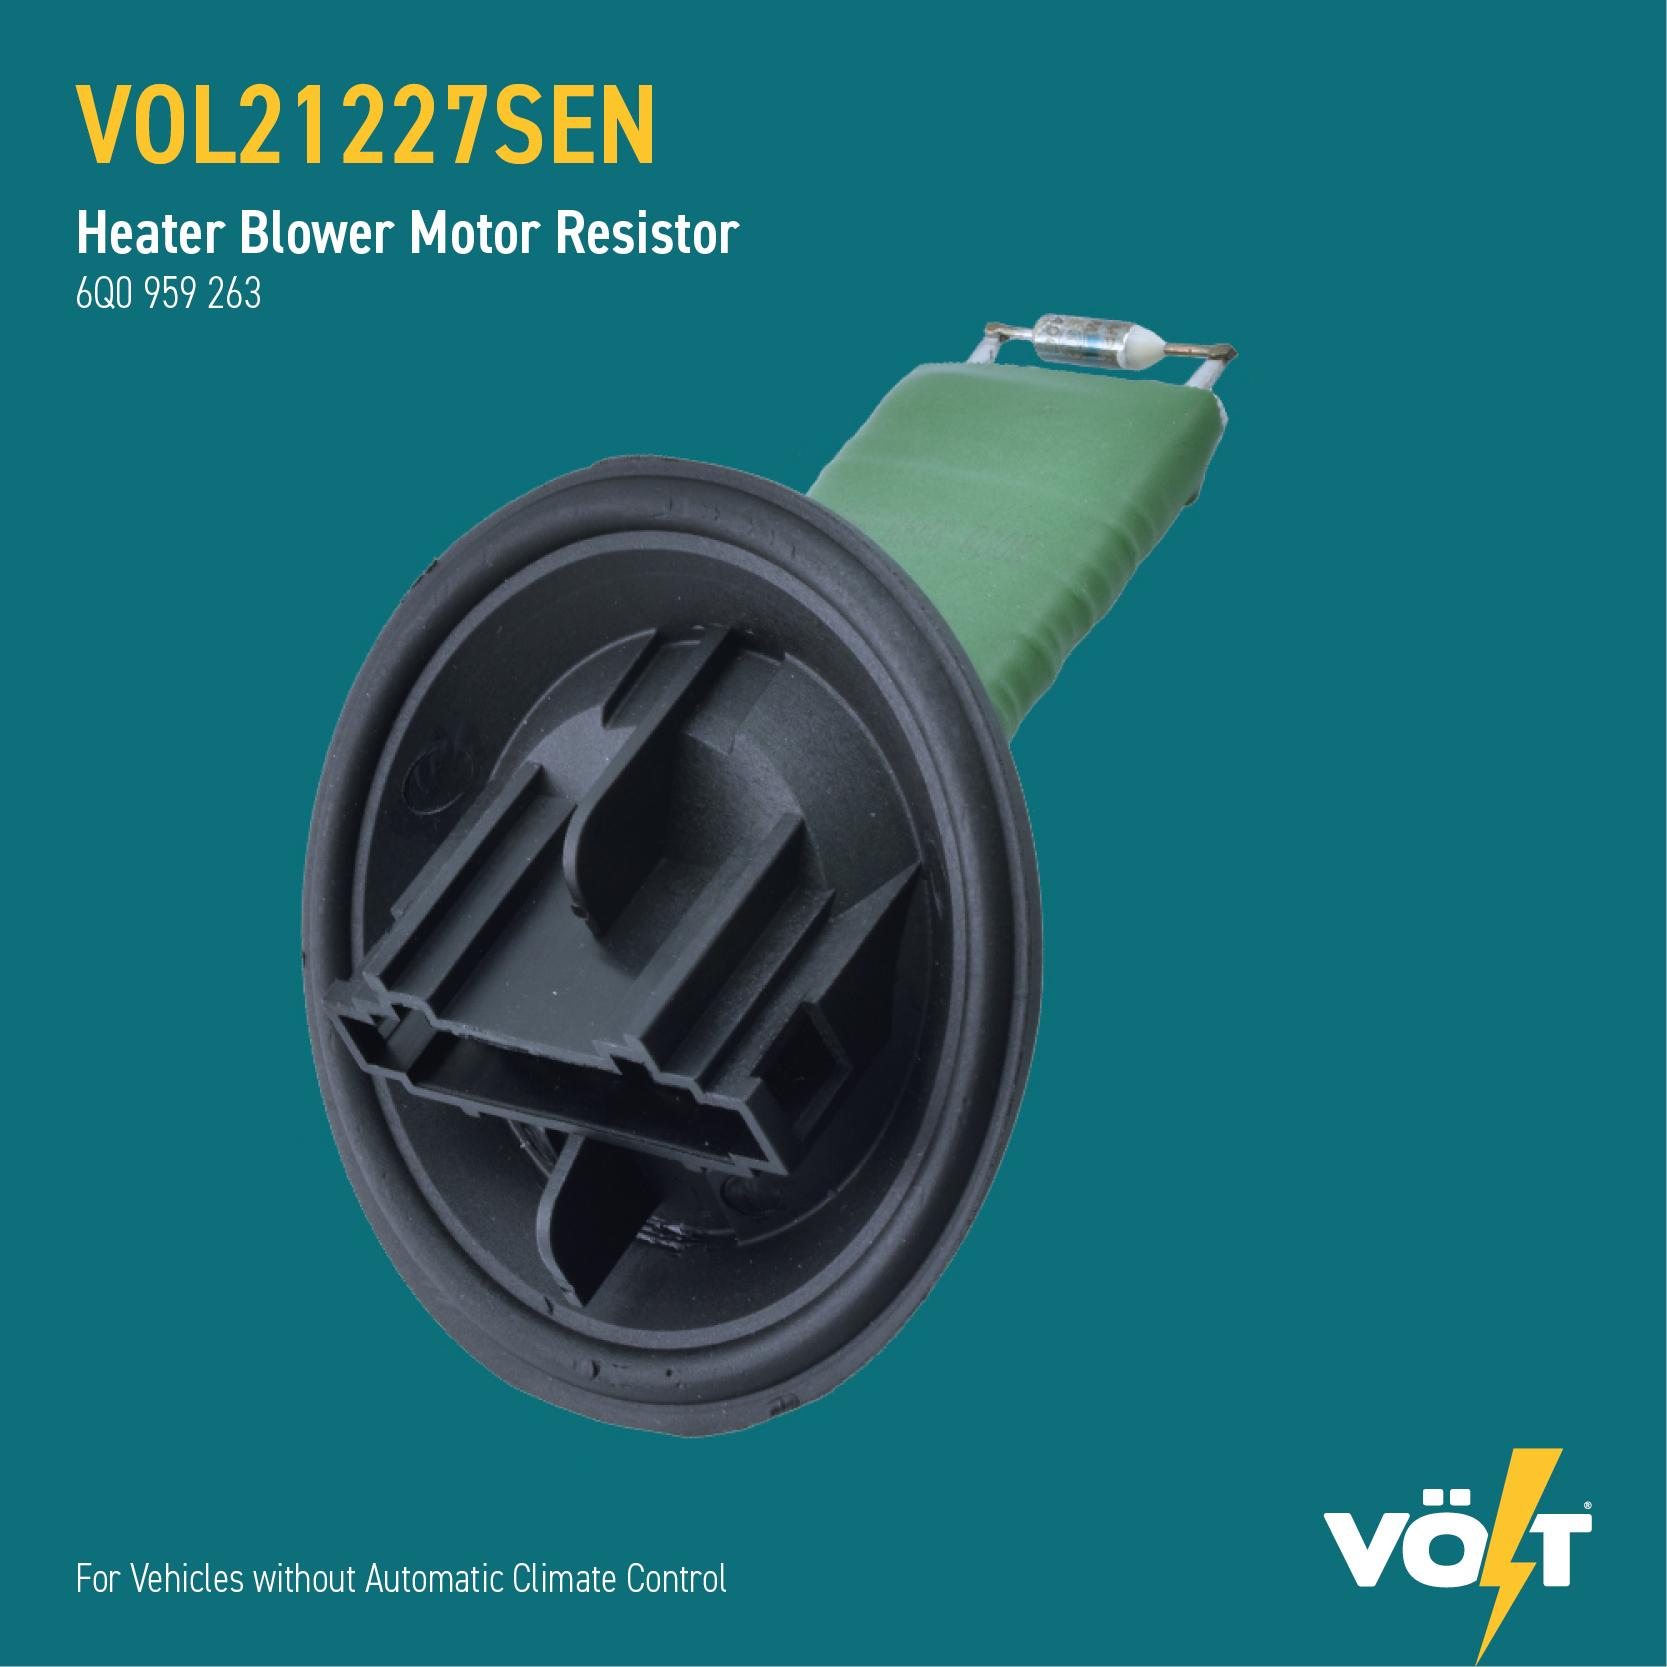 VOL21227SEN-volt